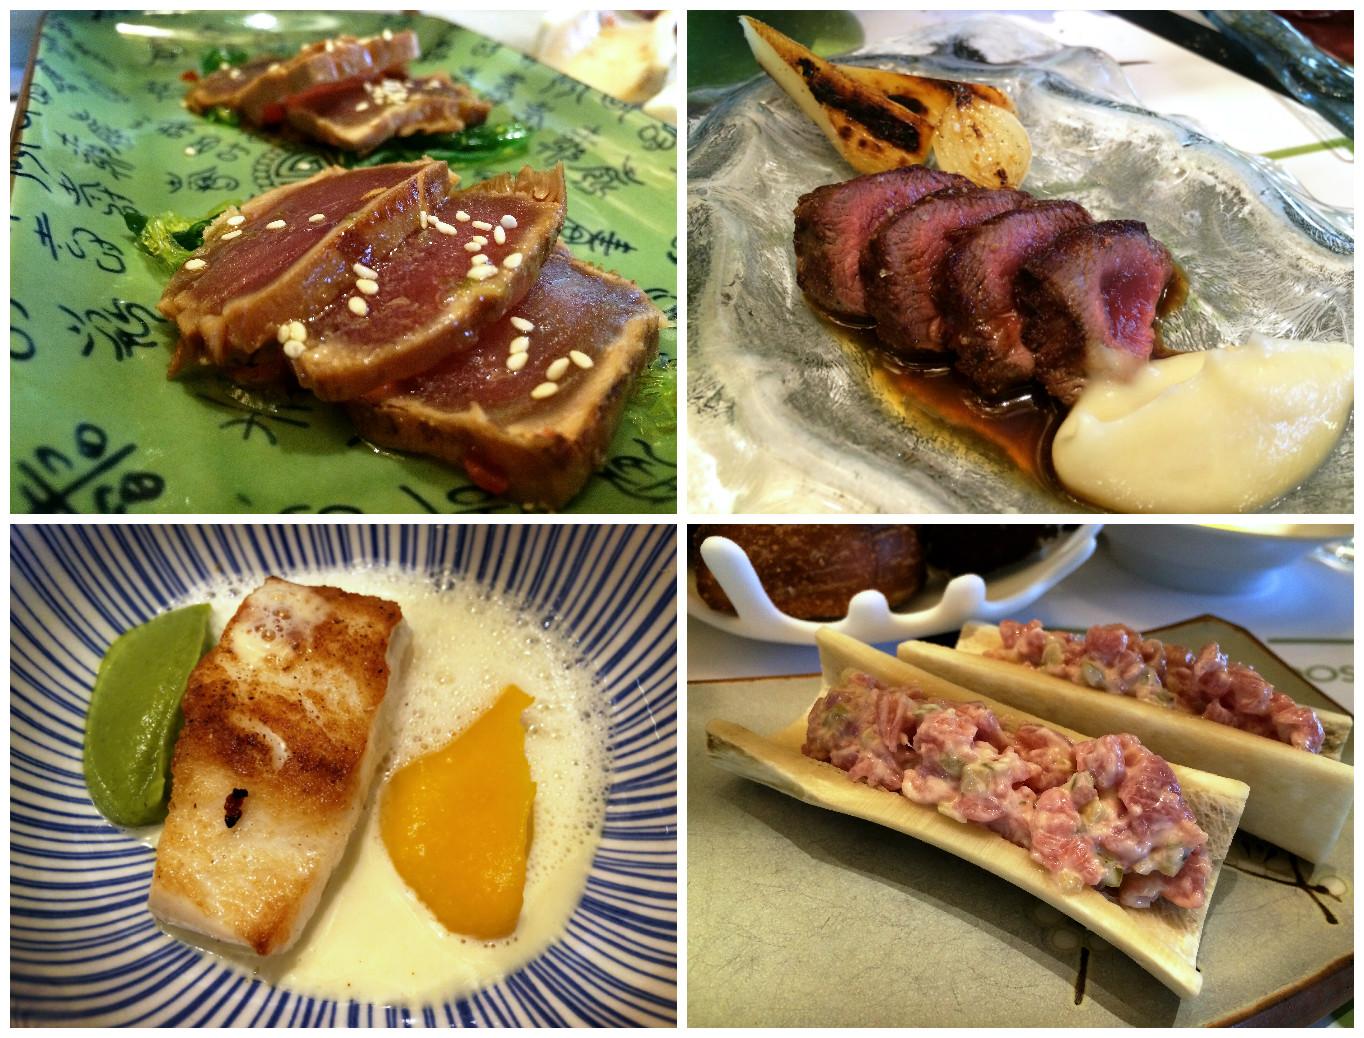 Hierboven zie je de Tataki, De ree met jus van kruidkoek, de zeebaars en de kalfstartaar.